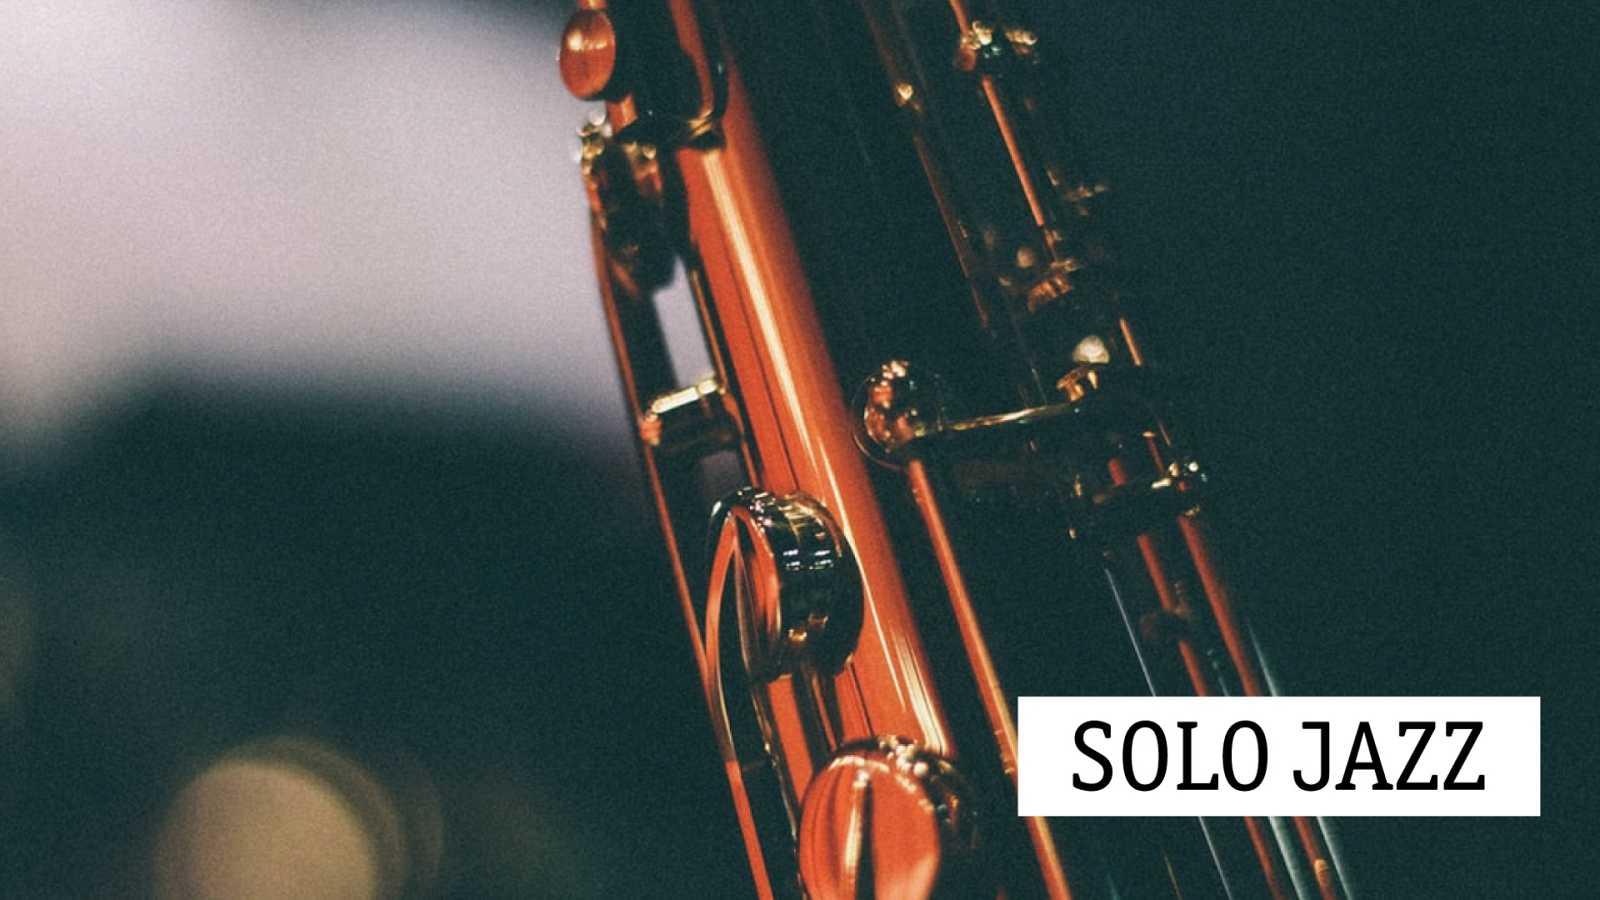 Solo Jazz - Ellos cantan hoy - 22/02/21 - escuchar ahora